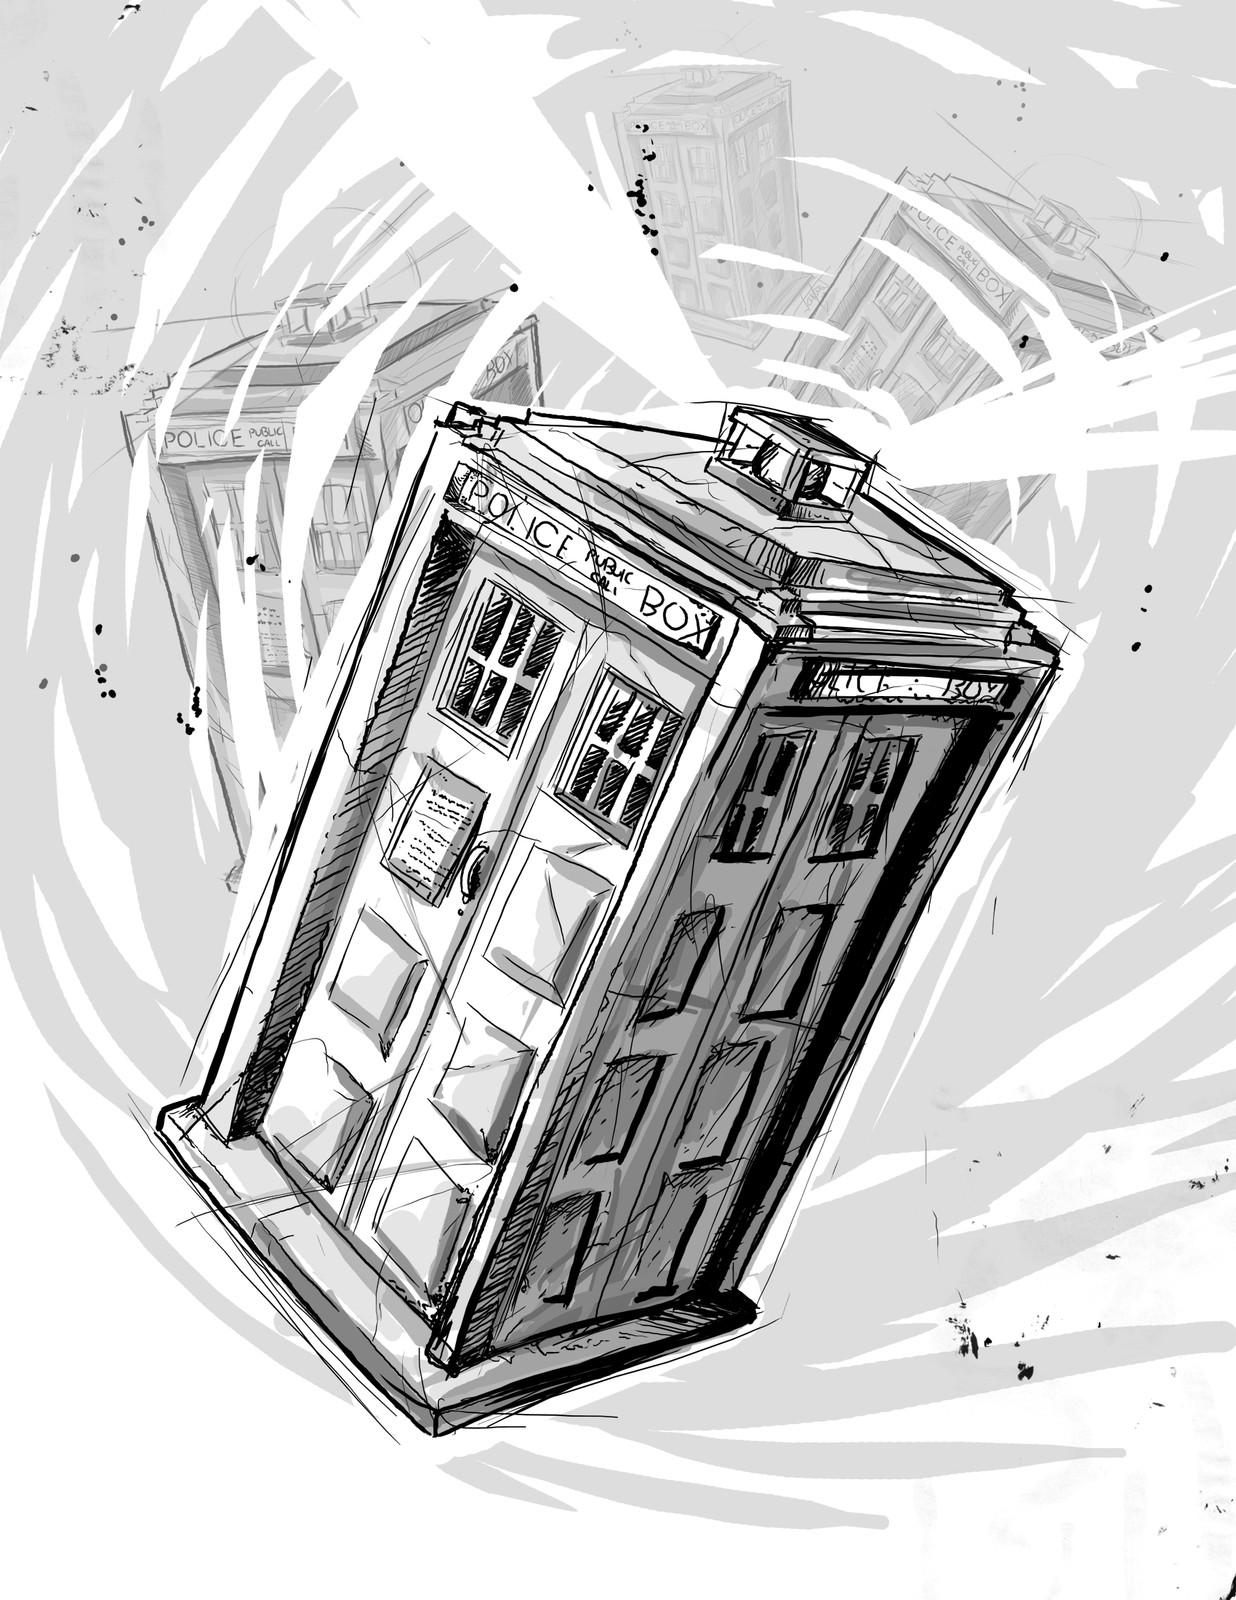 TARDIS in time